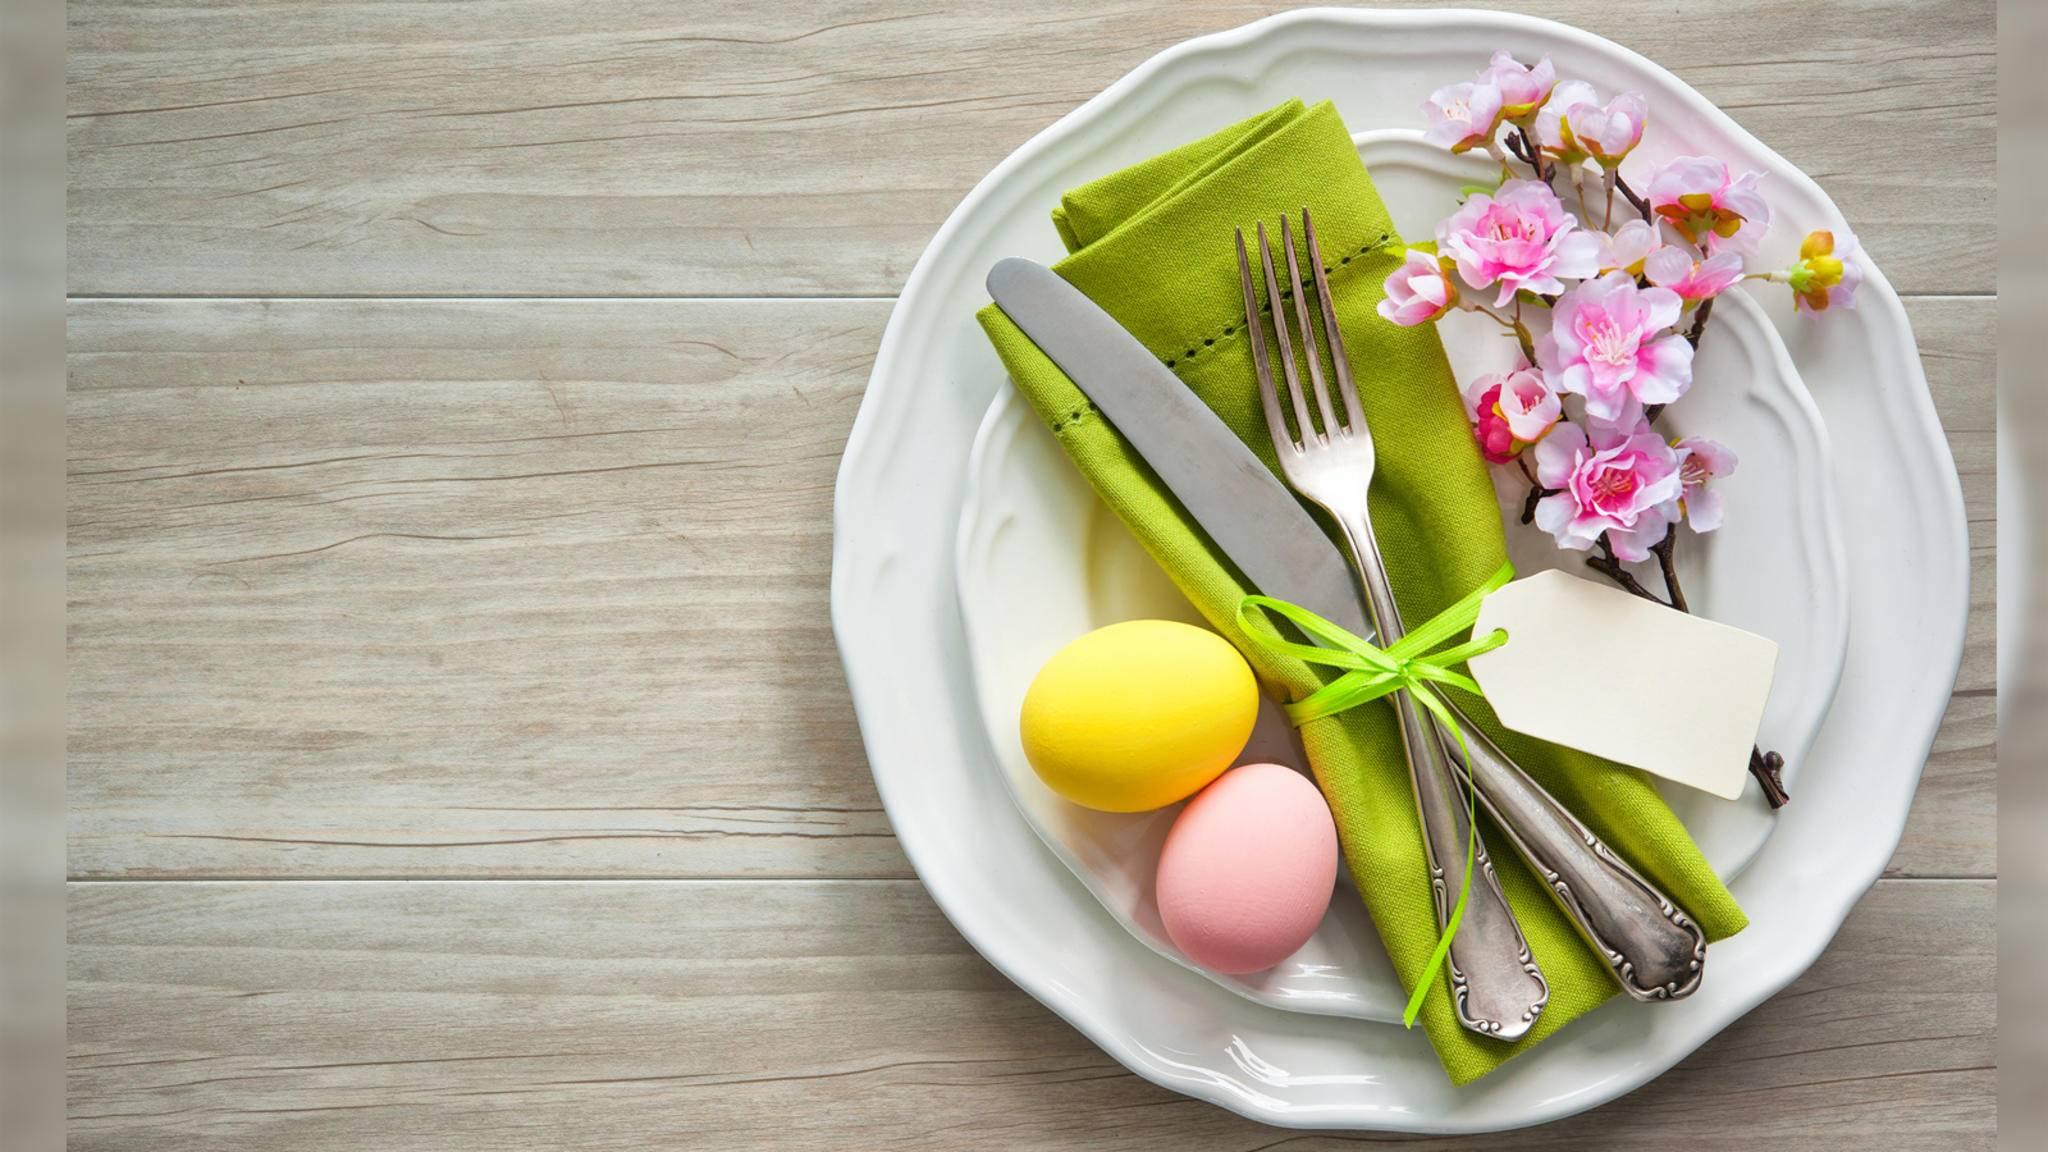 Osterrezepte gibt es für jeden Geschmack, von veganen Süßigkeiten bis hin zum Osterschinken.